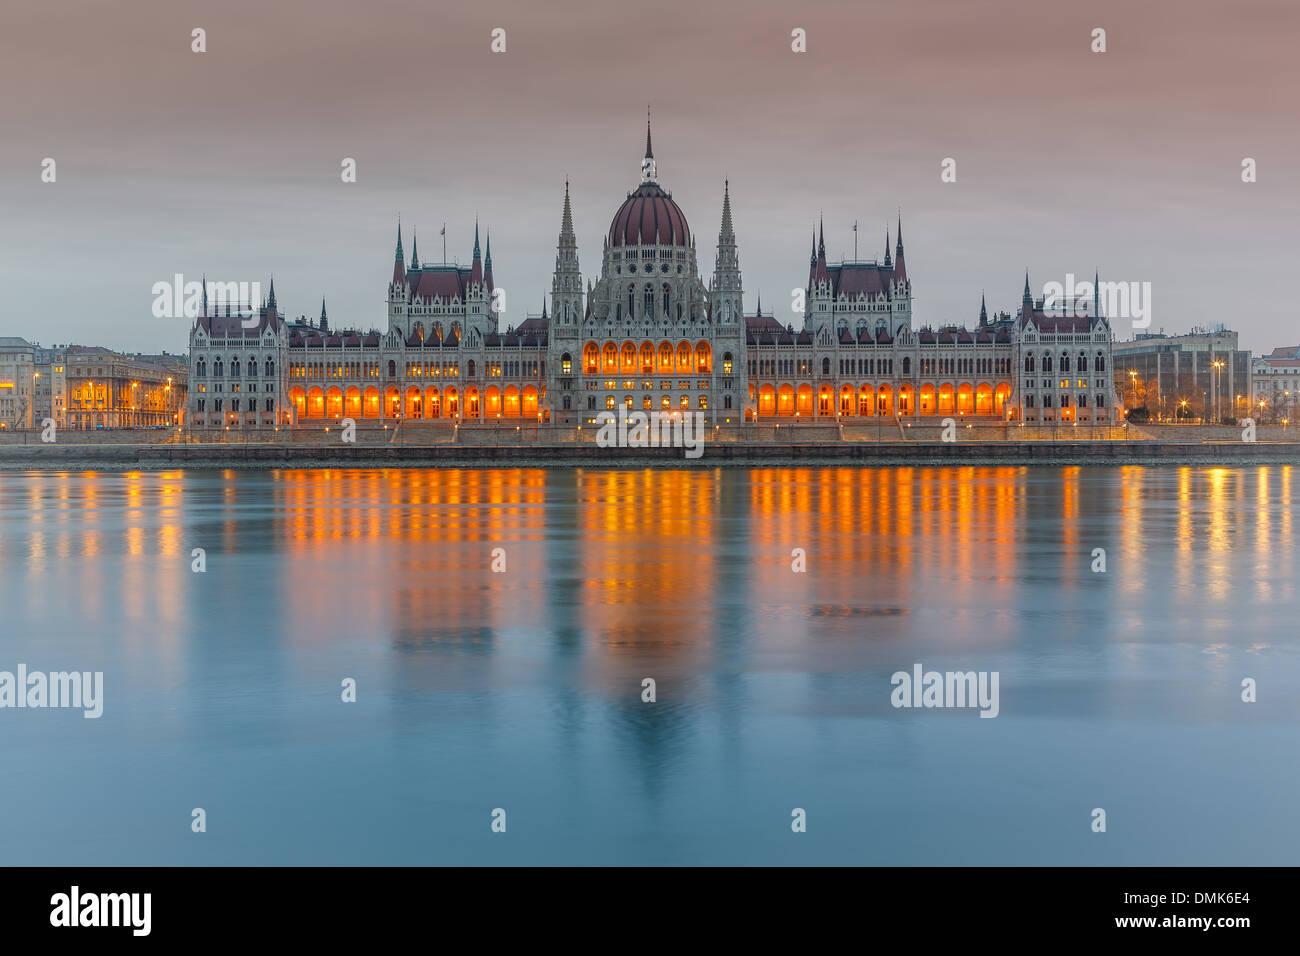 Parlamentsgebäude, Budapest Stockbild